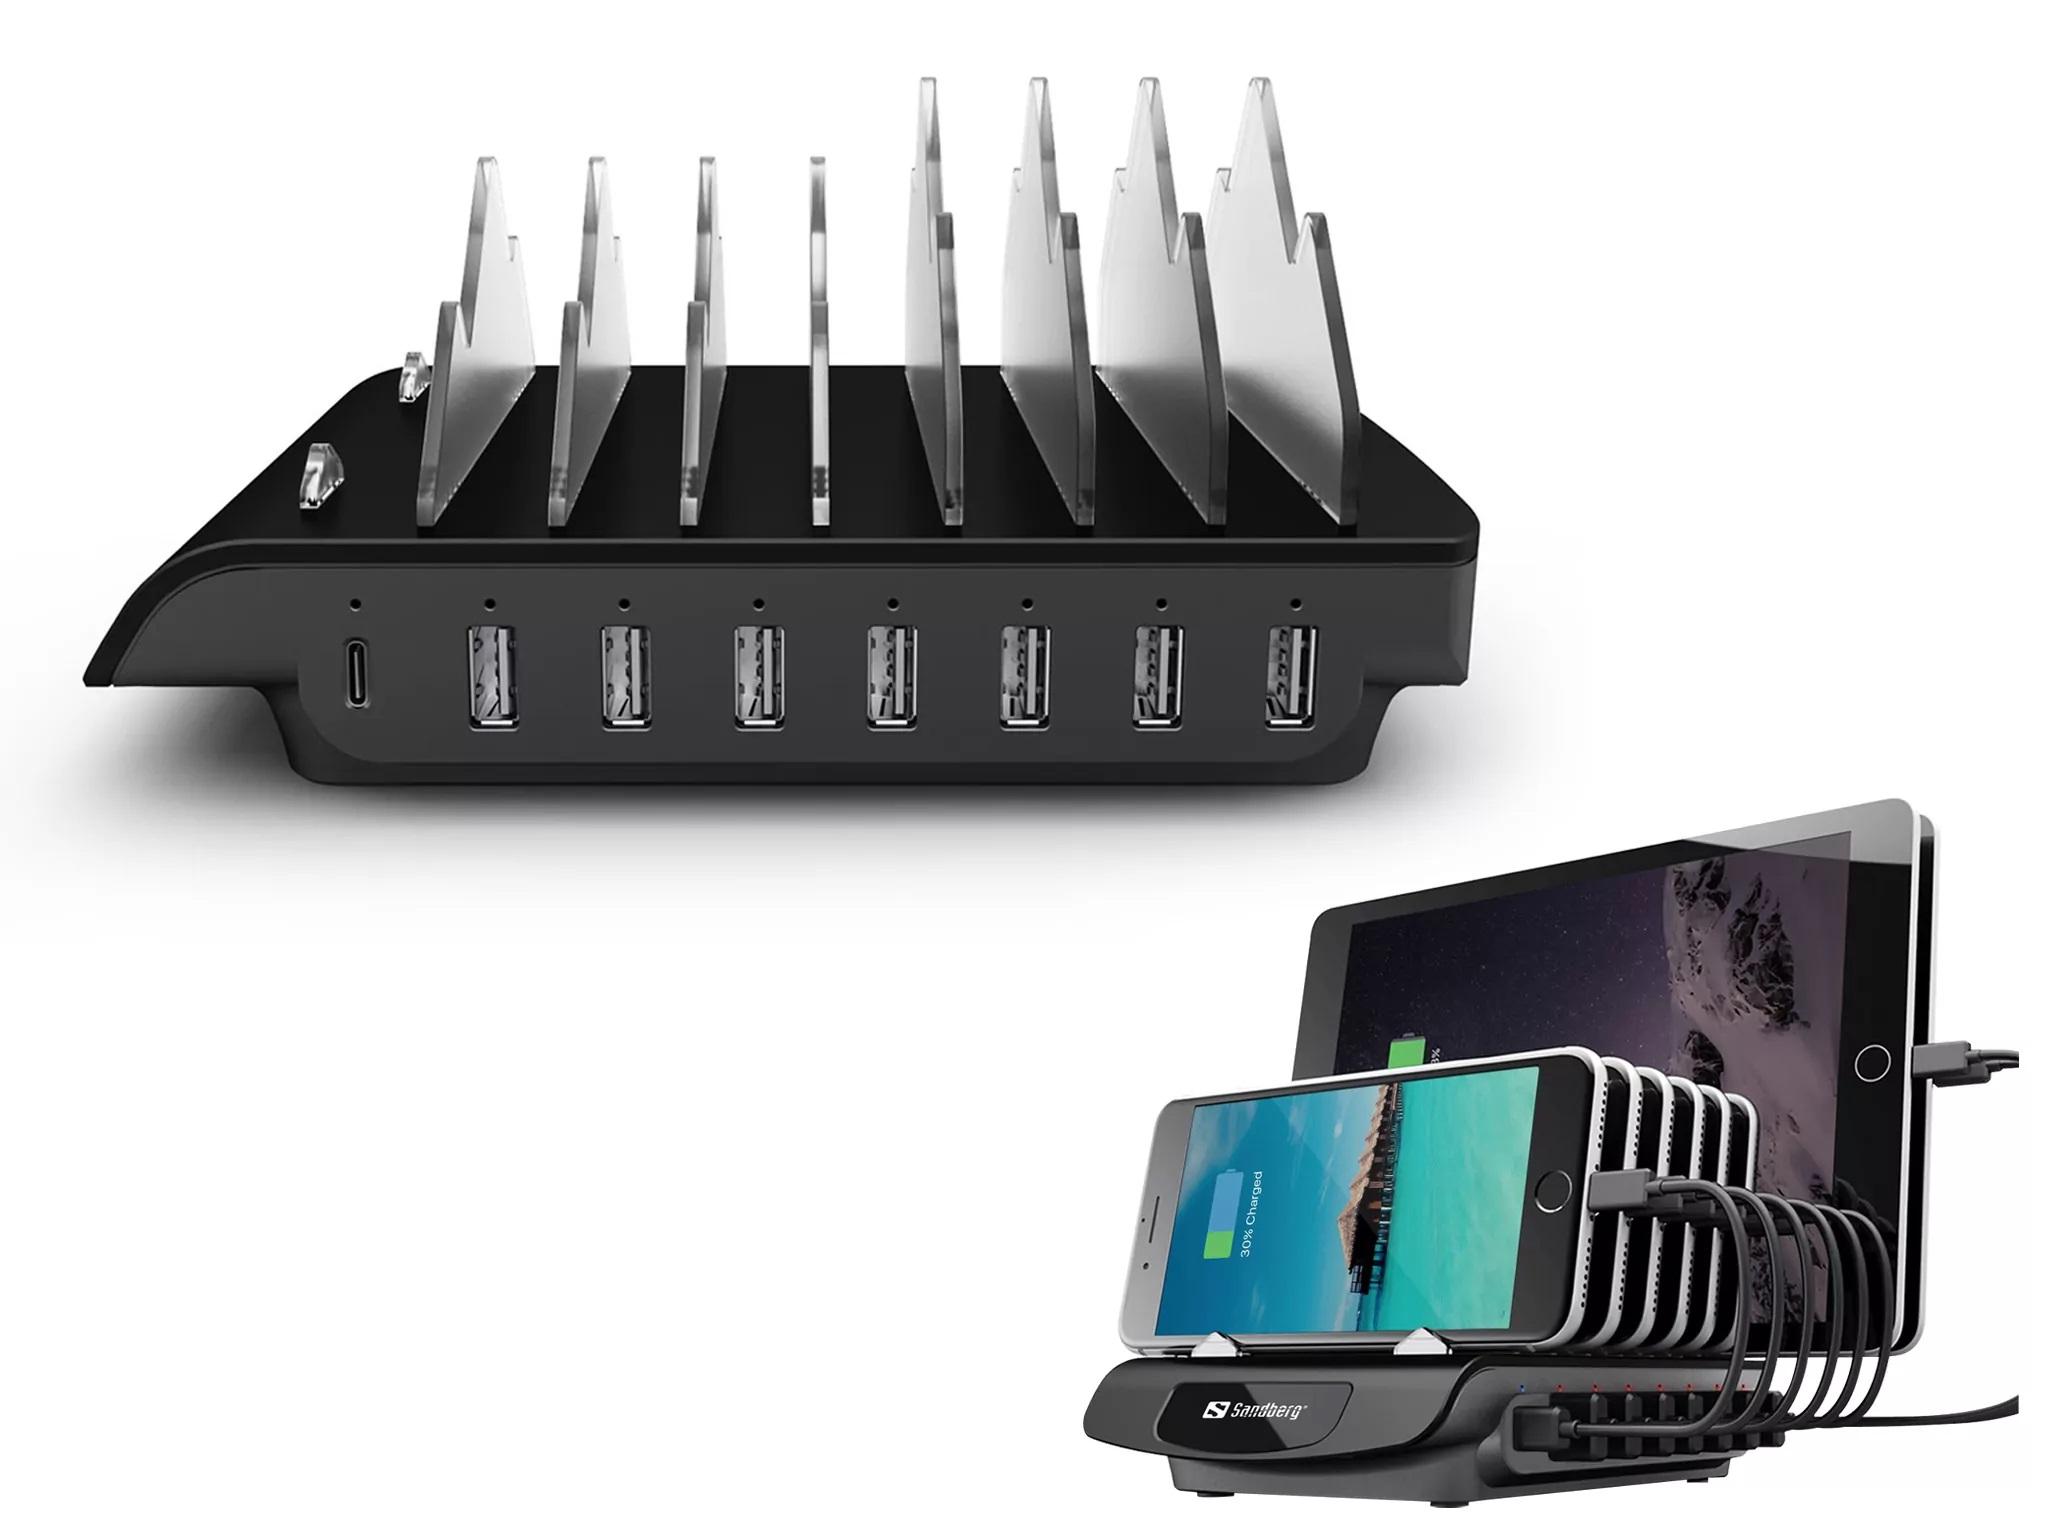 Sandberg nabíječka Multi USB Charging Station, 1x USB-C PD 30W,  7x USB-A, černá - 441-17